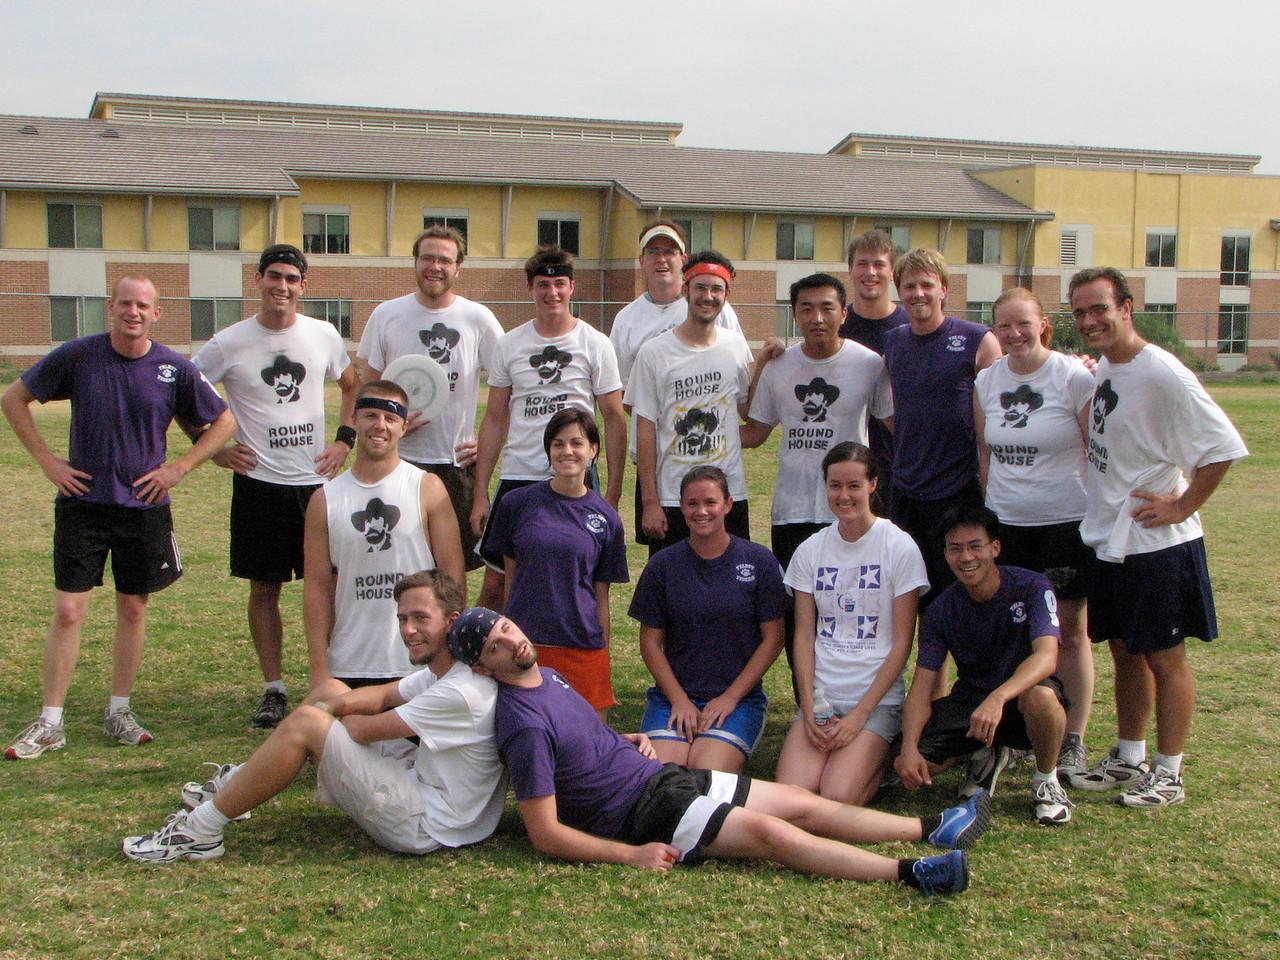 2006 11 03 Fri - Group pic 1